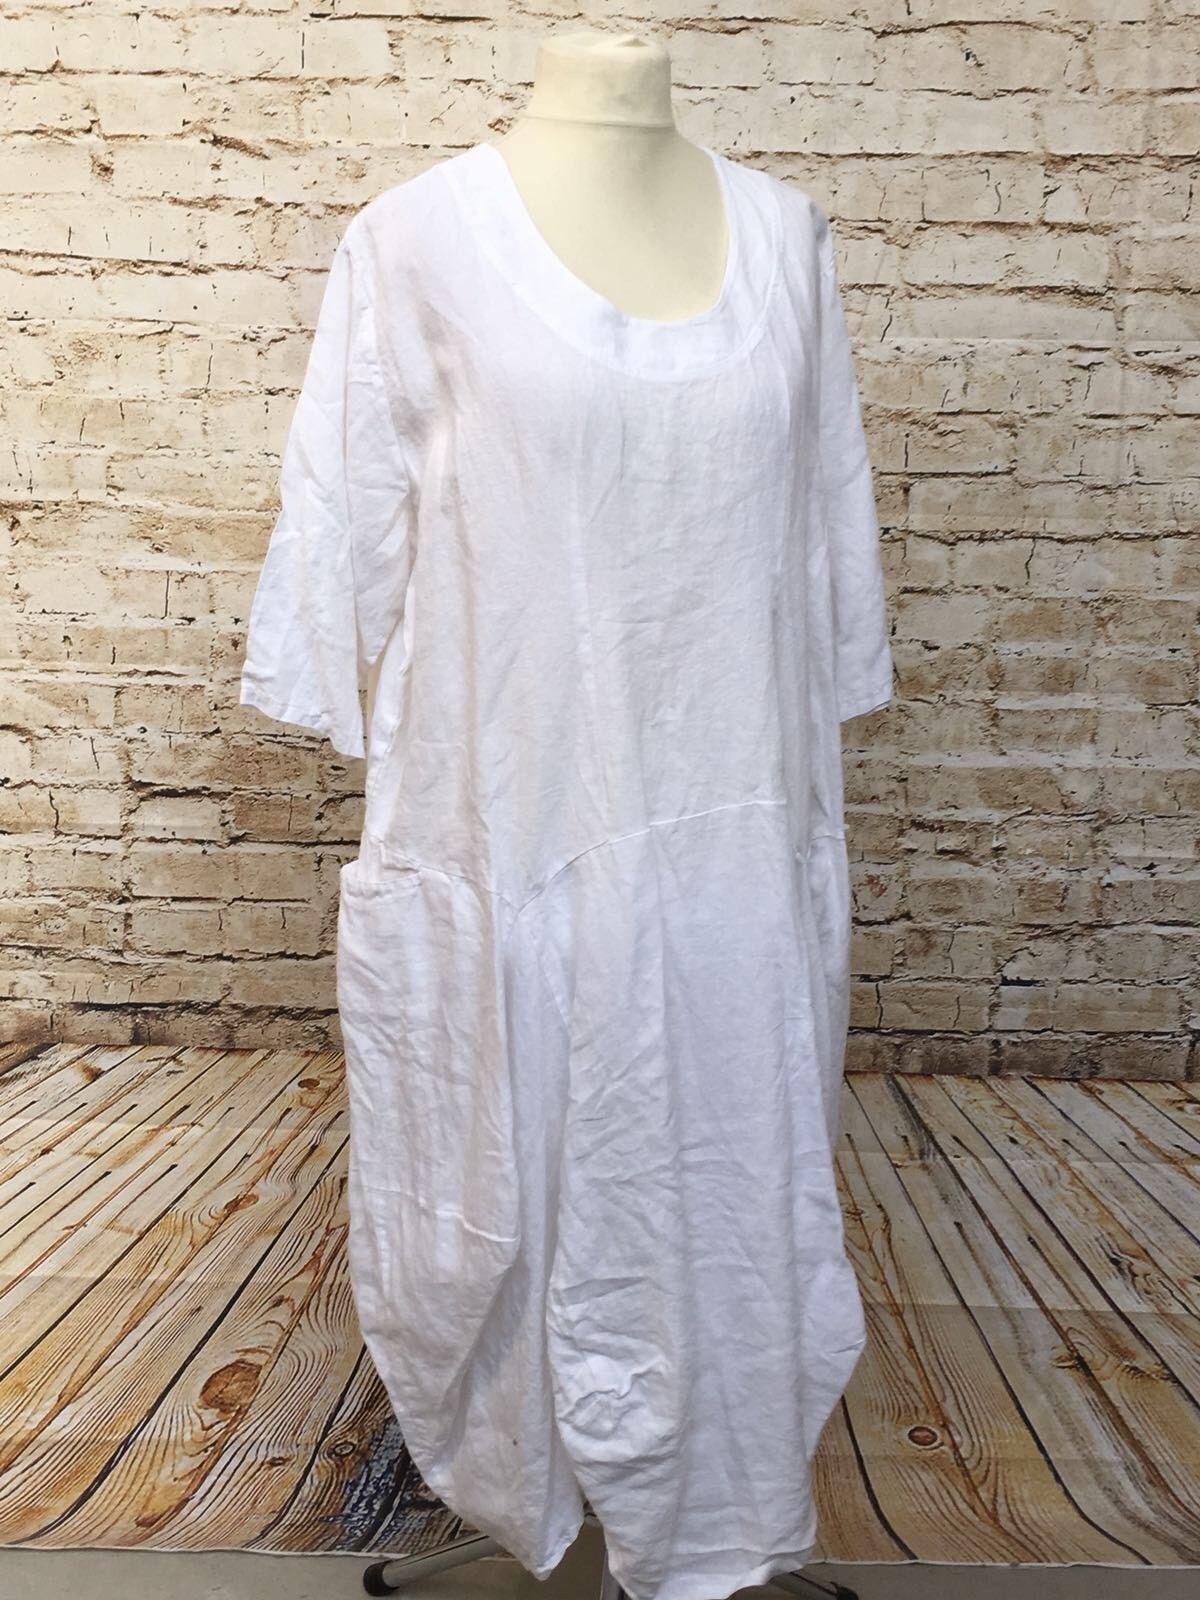 Formal Cool Kleid 48 VertriebFormal Genial Kleid 48 Bester Preis